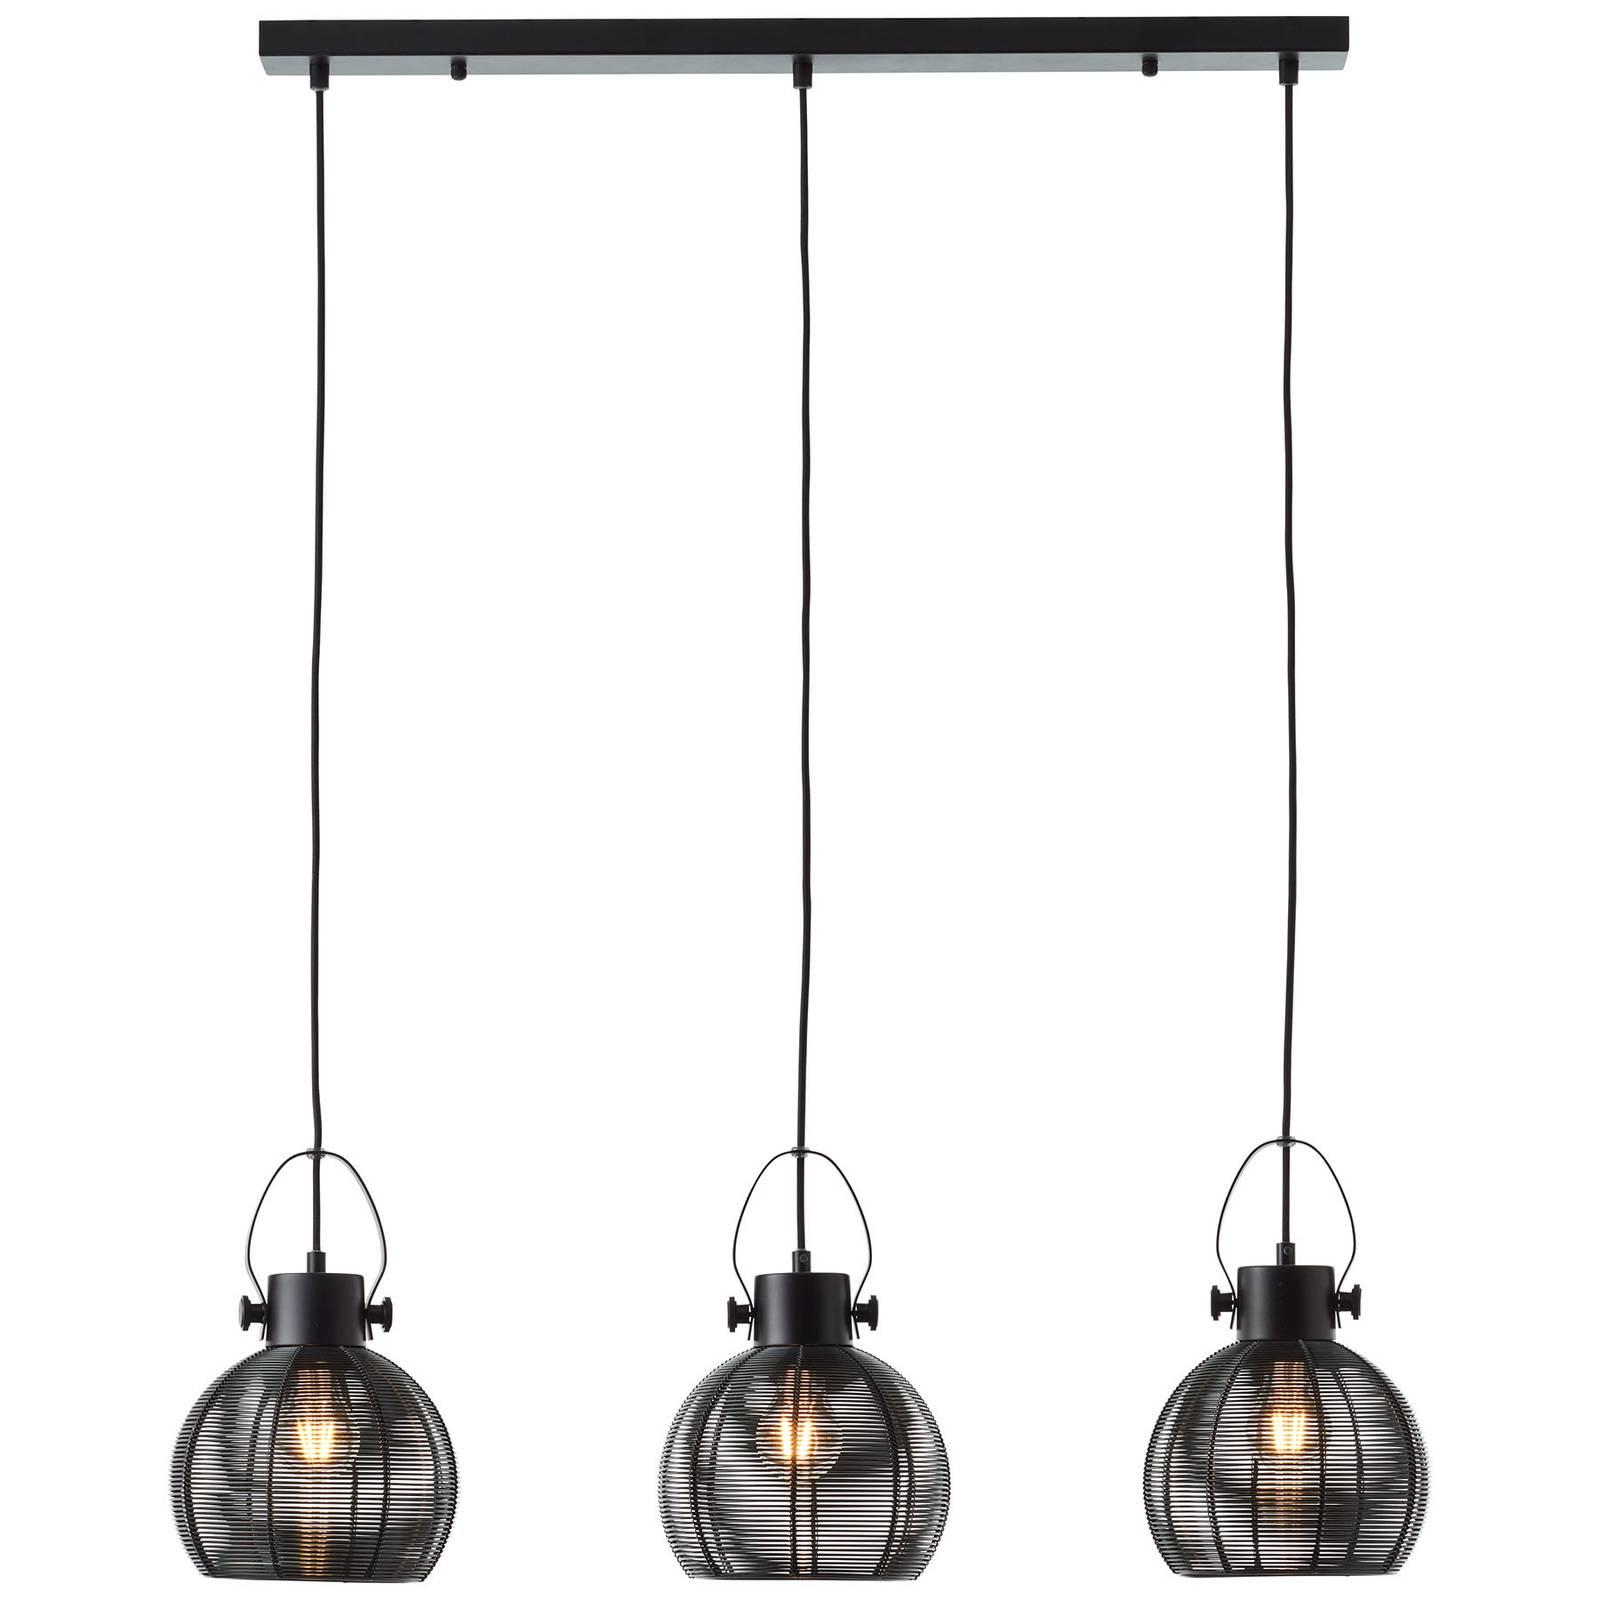 Riippuvalaisin Sambo, tanko, 3-lamppuinen, musta